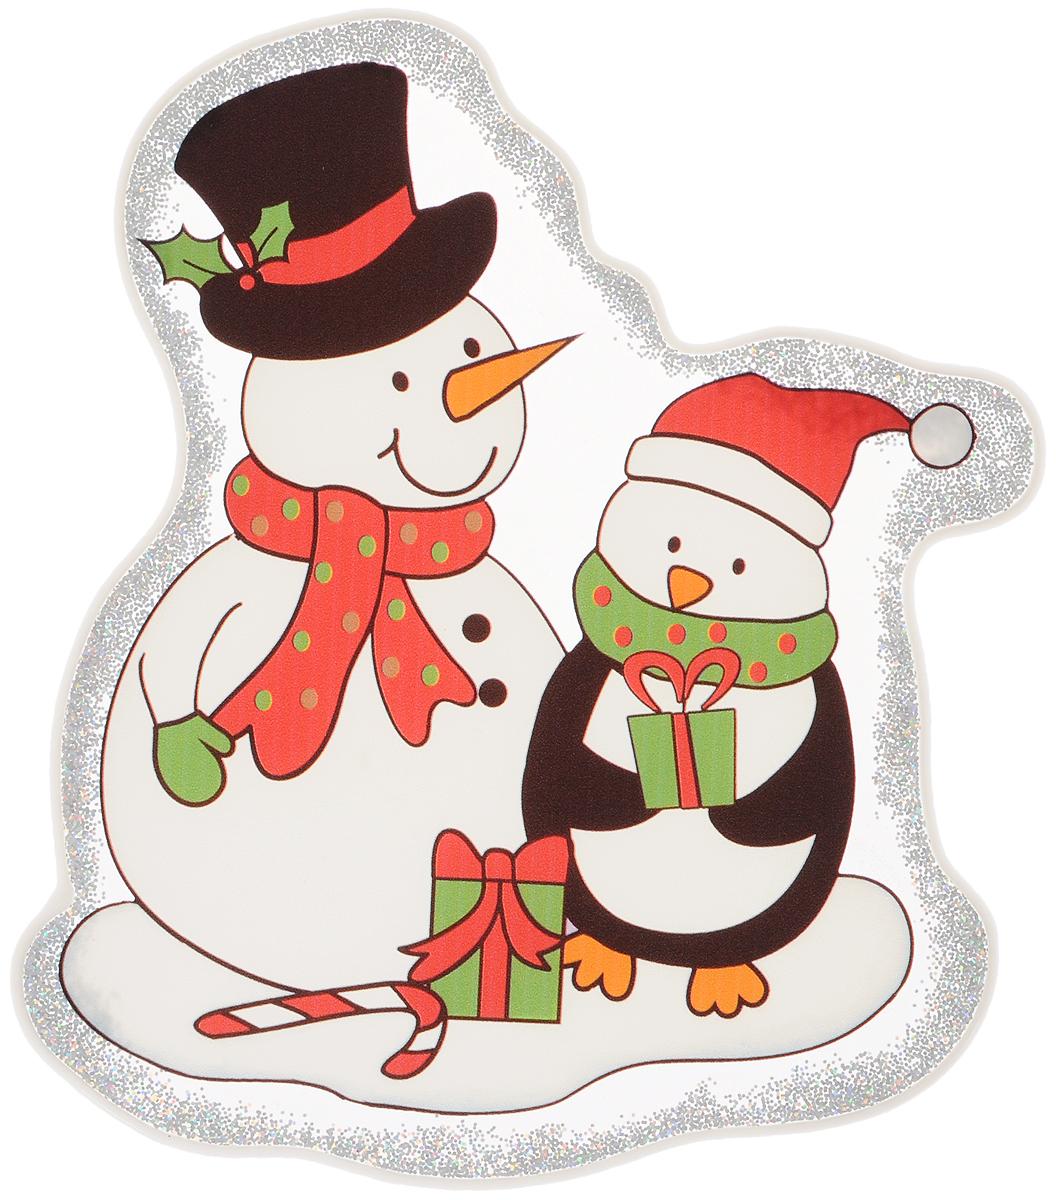 Украшение новогоднее оконное Winter Wings Снеговики, 16,5 х 18 см72503Новогоднее оконное украшение Winter Wings Снеговики поможет украсить дом к предстоящим праздникам. Наклейка изготовлена из ПВХ и выполнена в виде двух снеговиков.С помощью этого украшения вы сможете оживить интерьер по своему вкусу, наклеить его на окно, на зеркало или на дверь.Новогодние украшения всегда несут в себе волшебство и красоту праздника. Создайте в своем доме атмосферу тепла, веселья и радости, украшая его всей семьей. Размер украшения: 16,5 х 18 см.